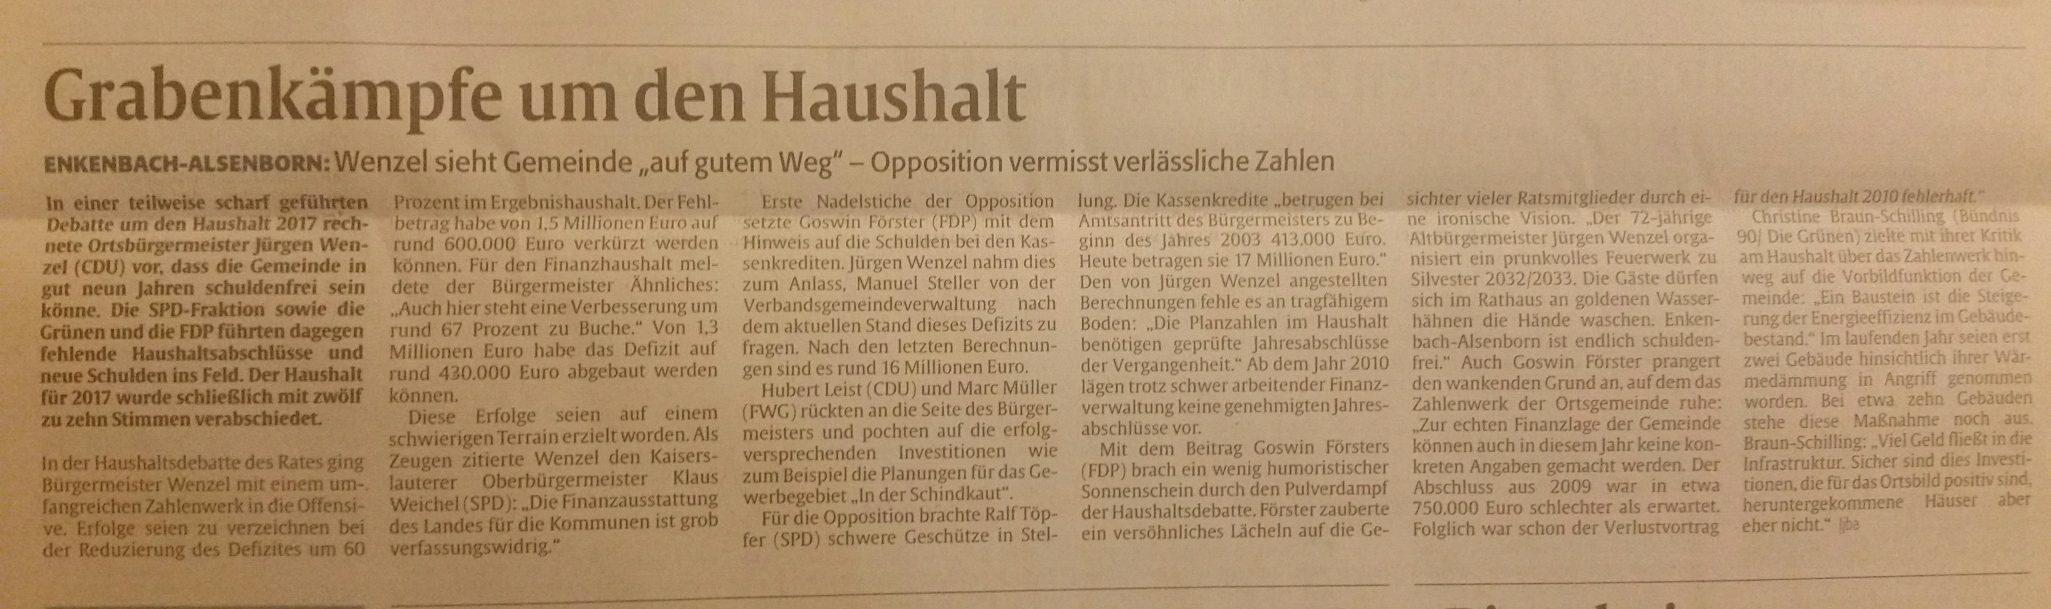 Intransparenz in der Ortsgemeinde - SPD Enkenbach-Alsenborn